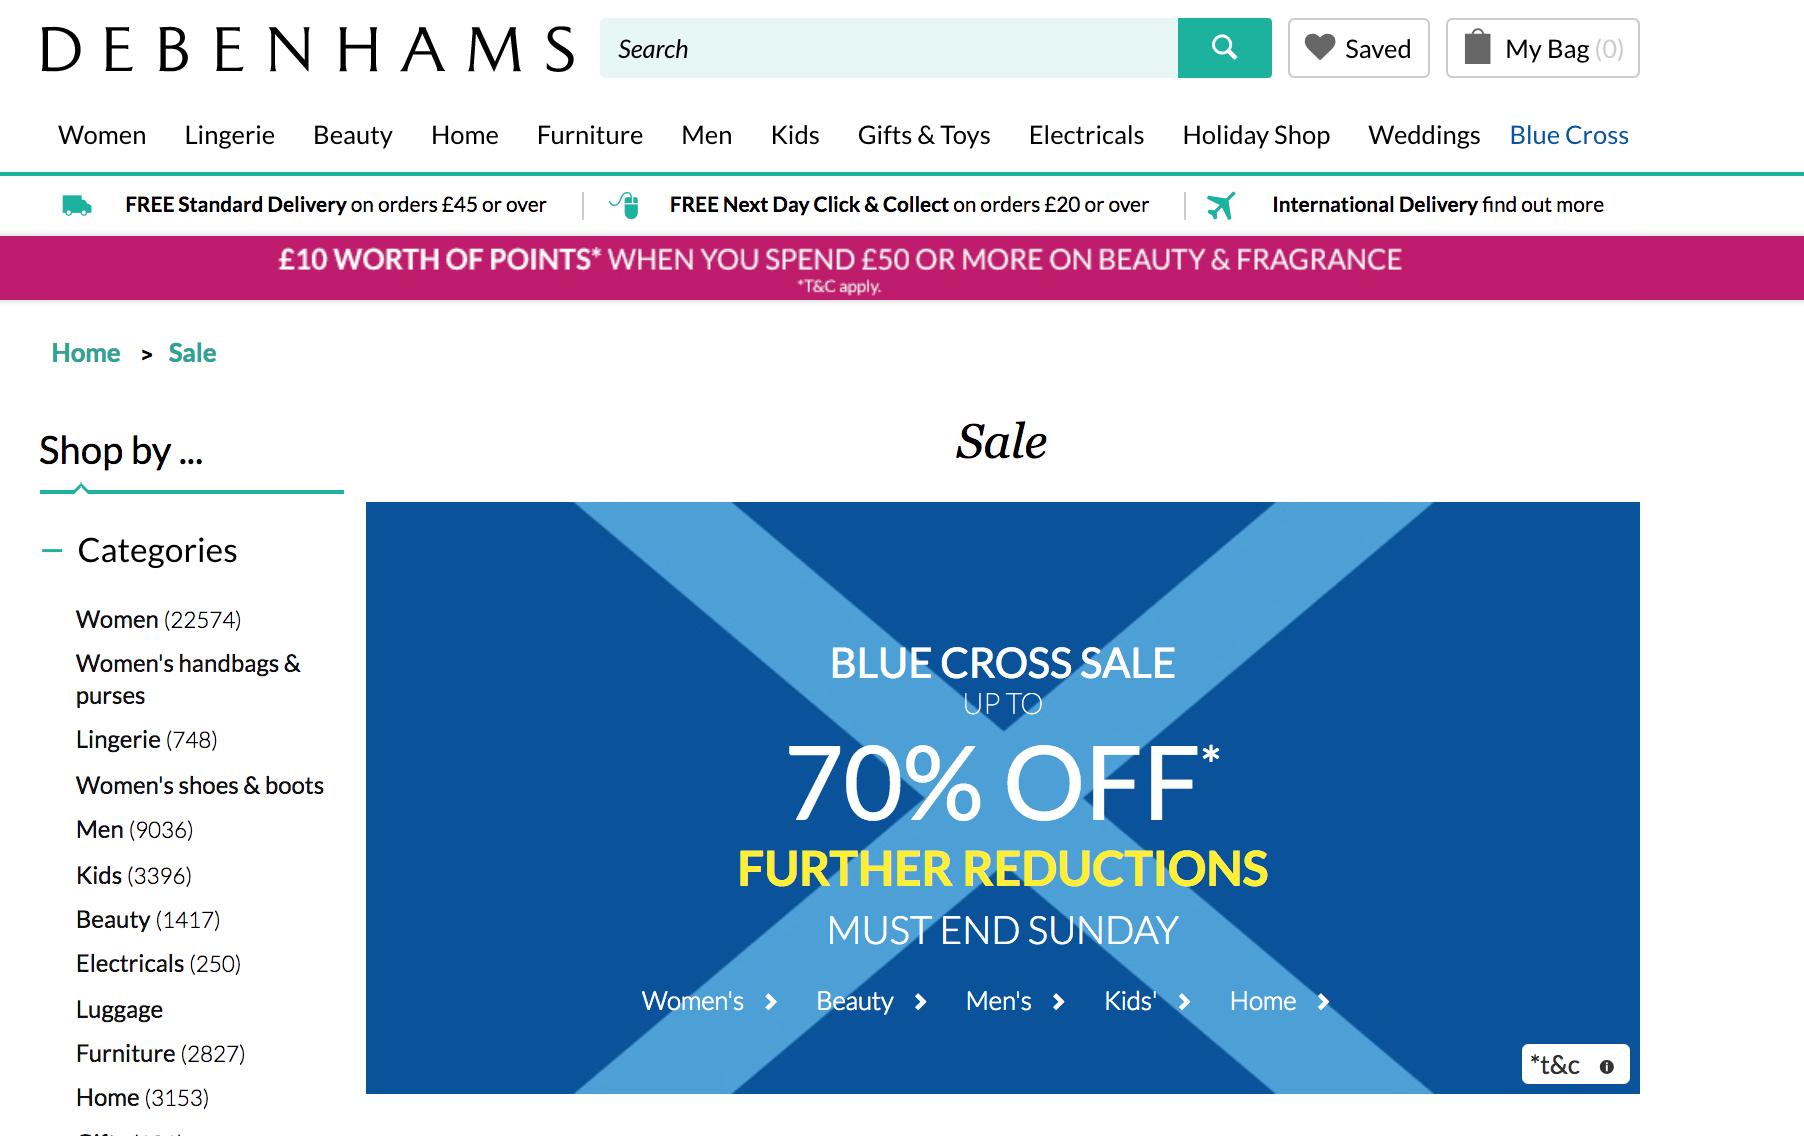 Debenhams urgency to purchase example 1